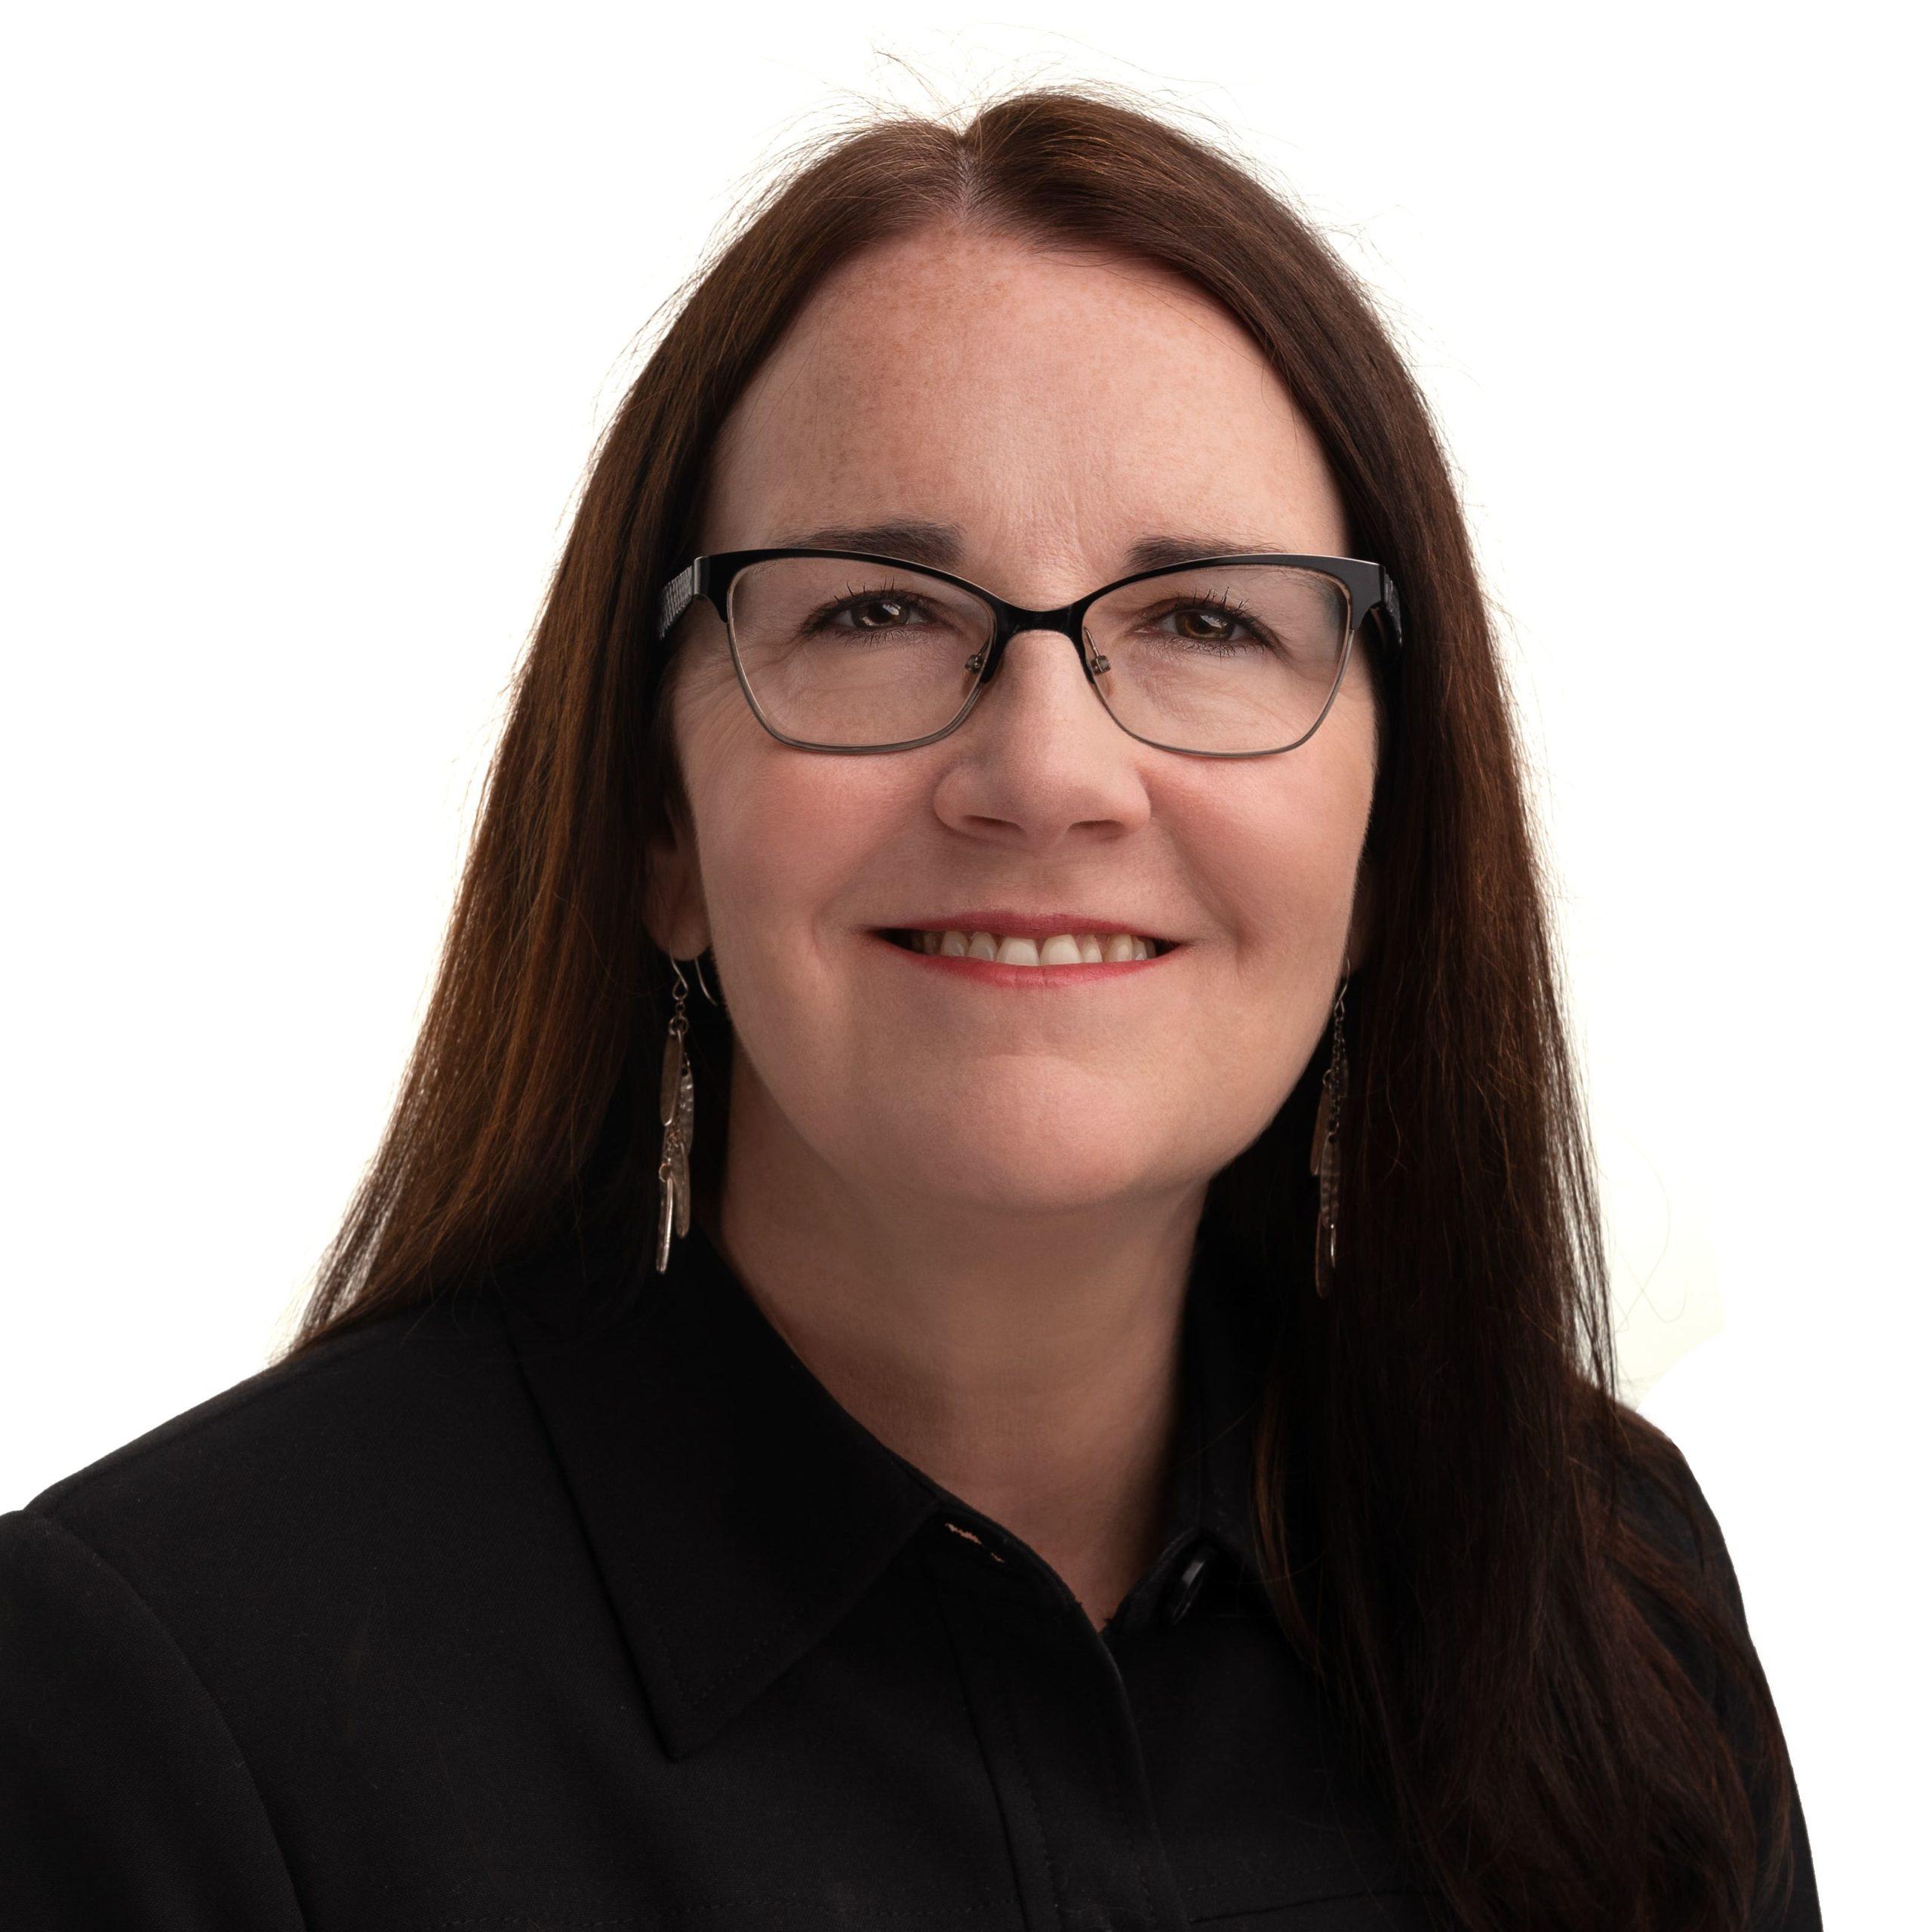 Nancy Barklund